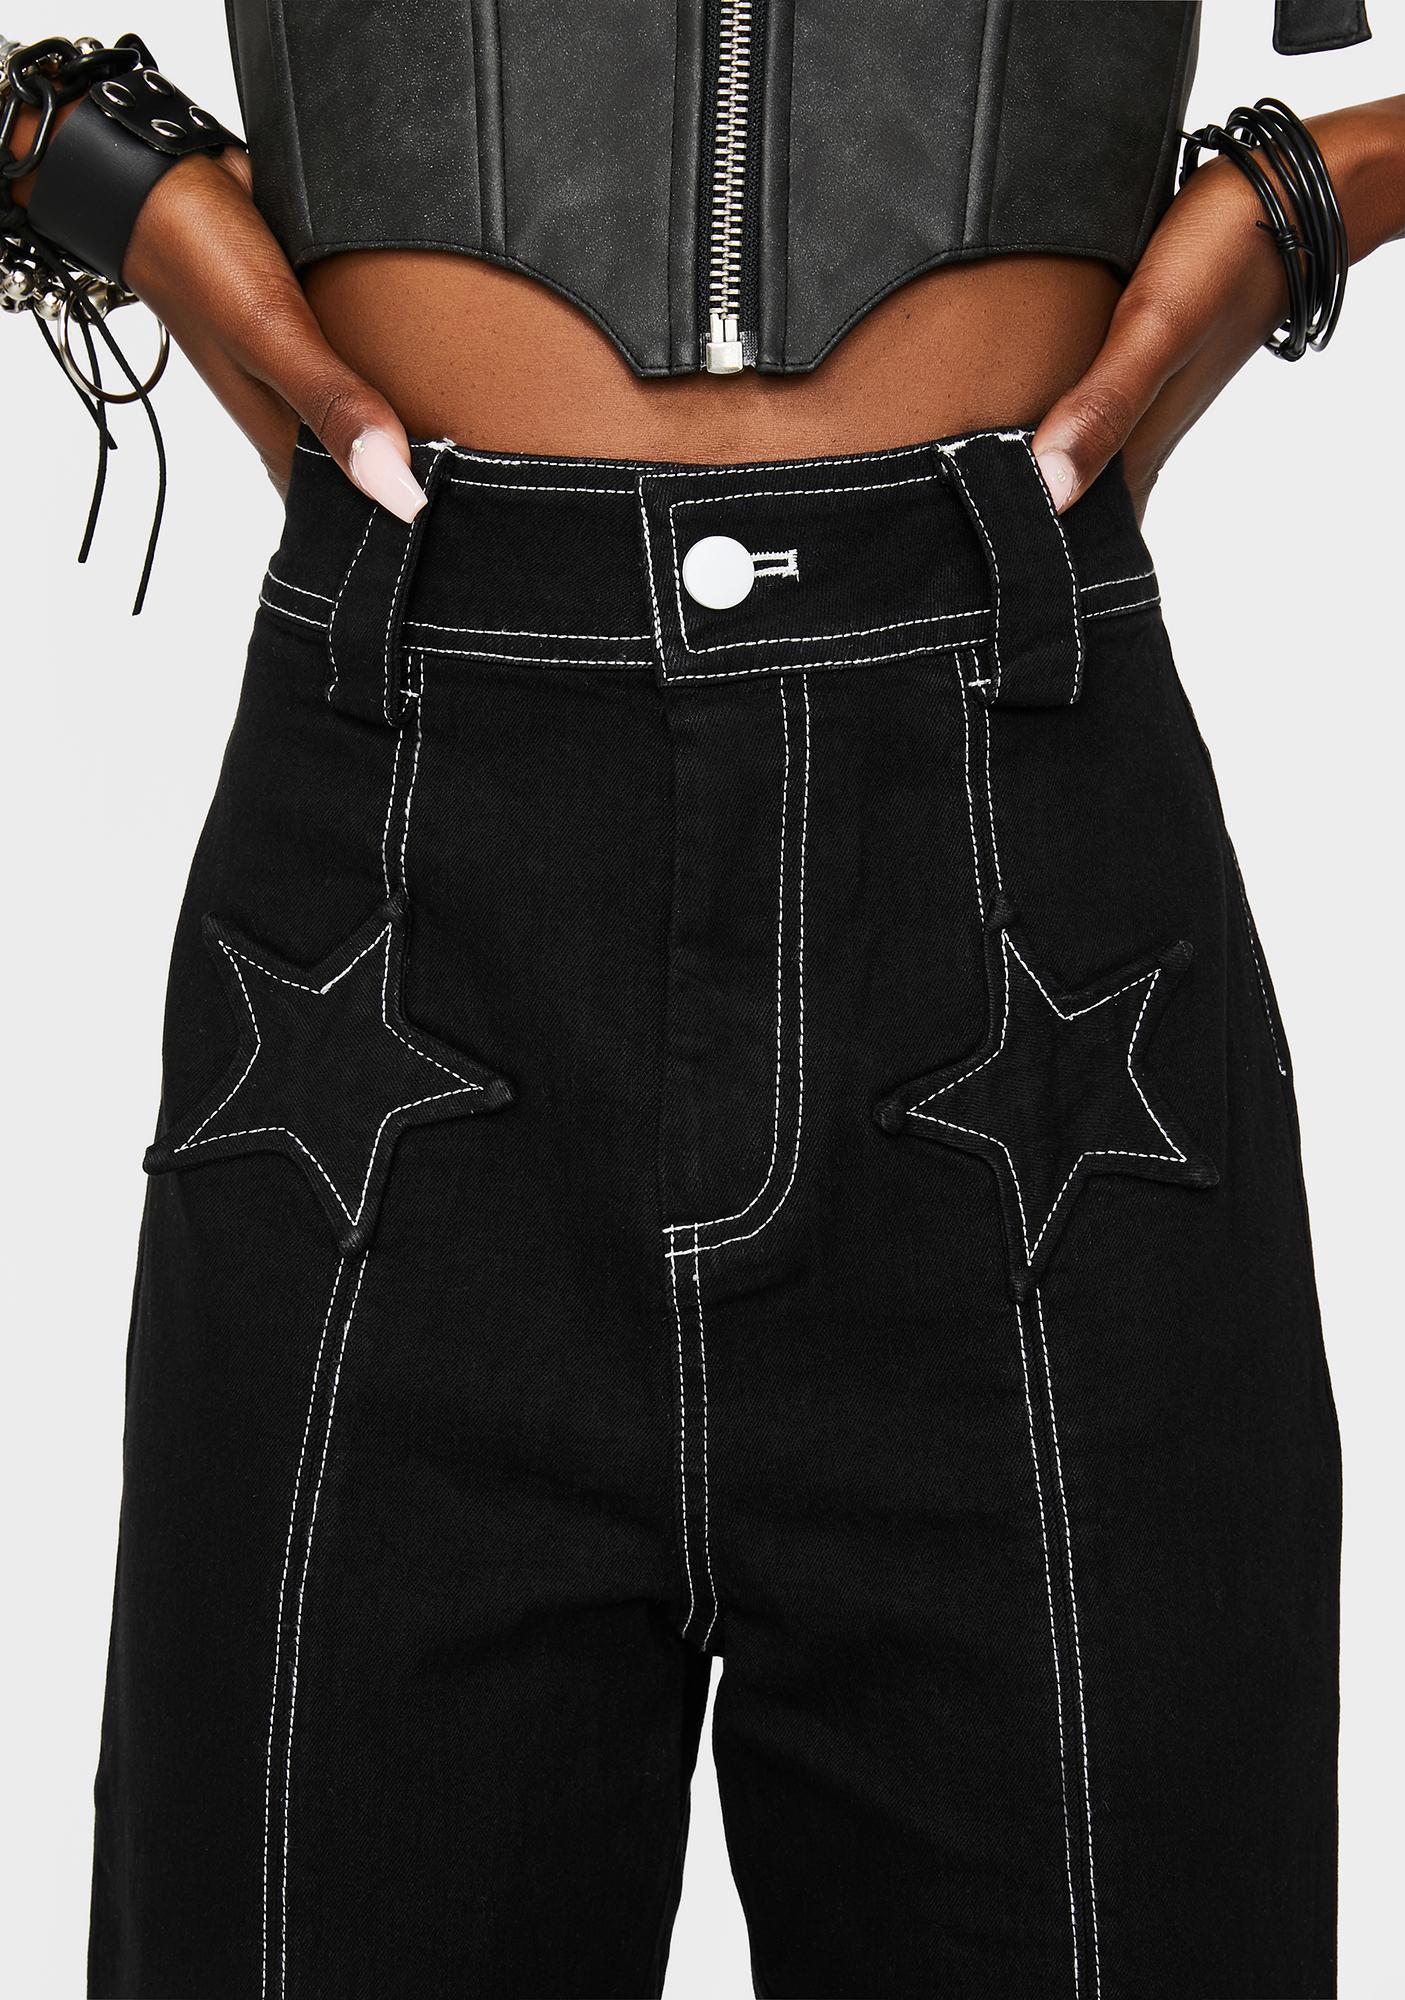 Jawbreaker Glam Rock 70's Jeans